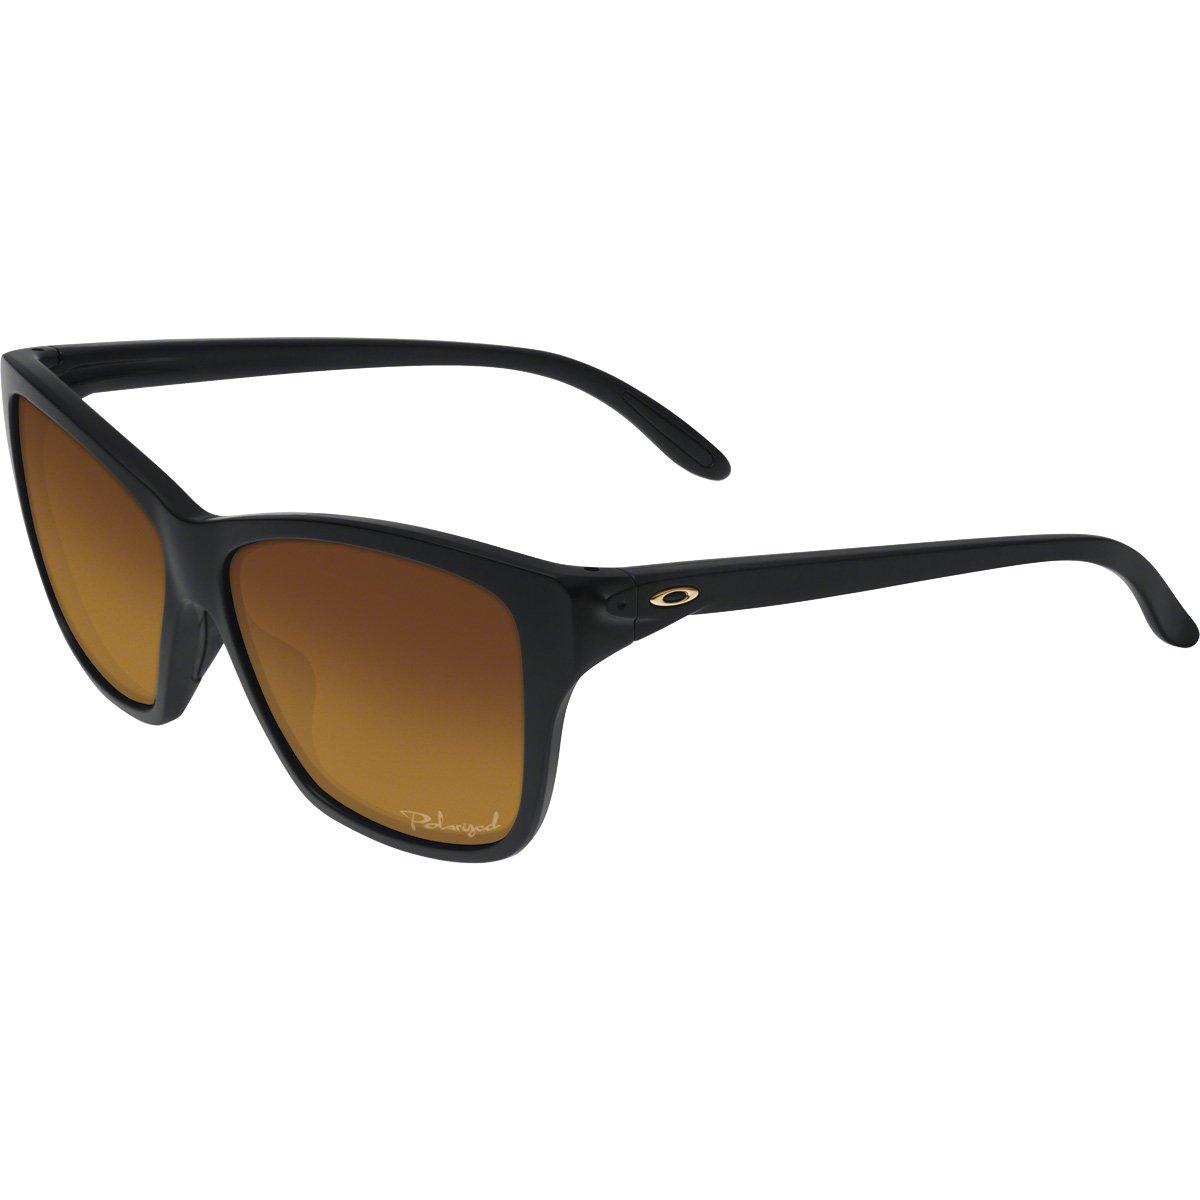 Oakley Women's OO9298 Hold On Irregular Sunglasses, Matte Black/Brown Gradient Polarized, 58 mm by Oakley